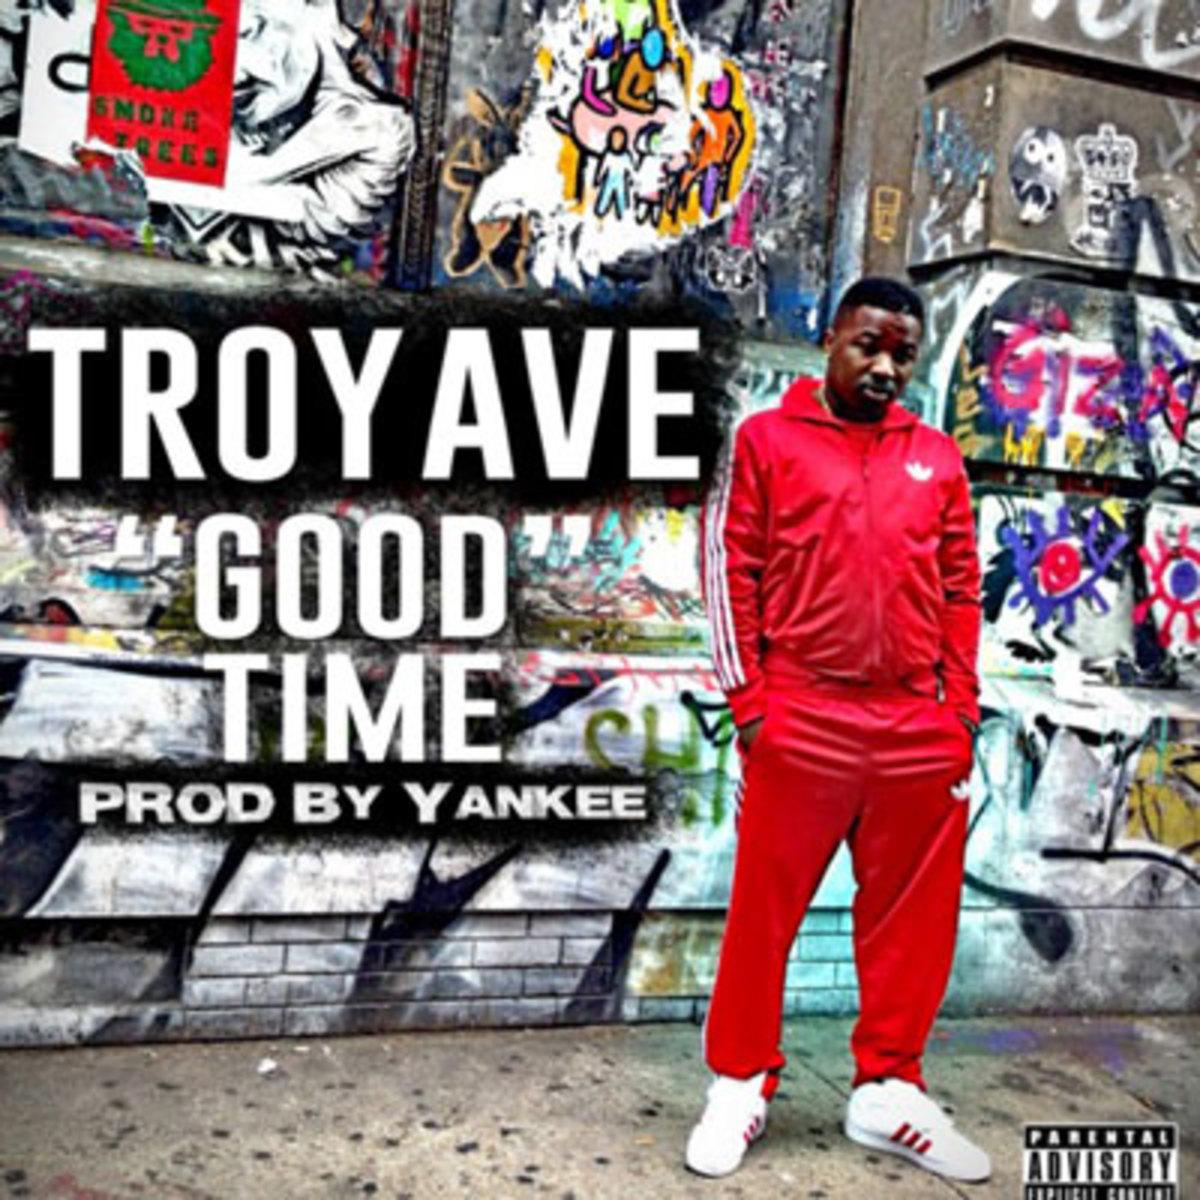 troyave-goodtime.jpg